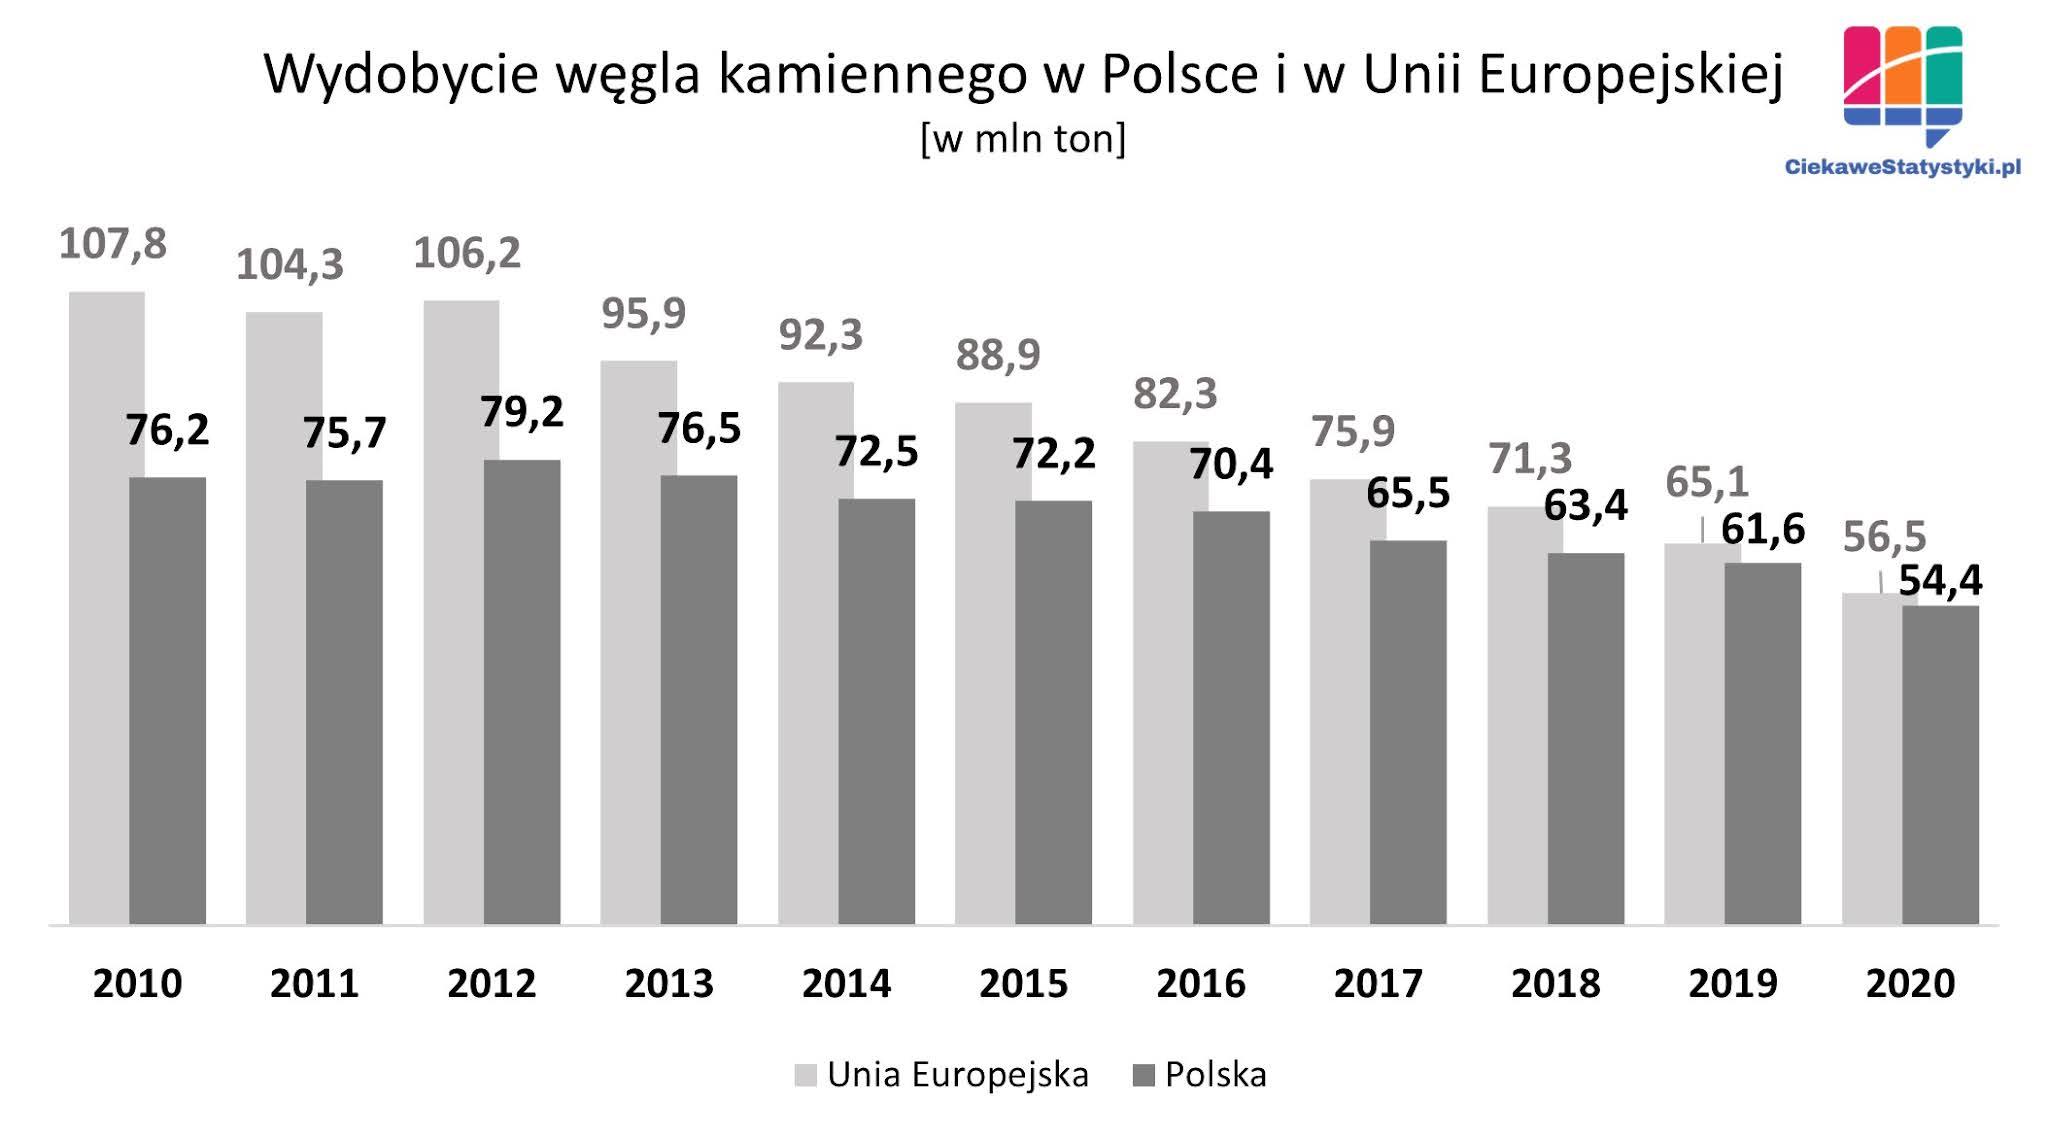 Ile węgla kamiennego wydobywa się w Polsce. Statystyki wydobycia węgla